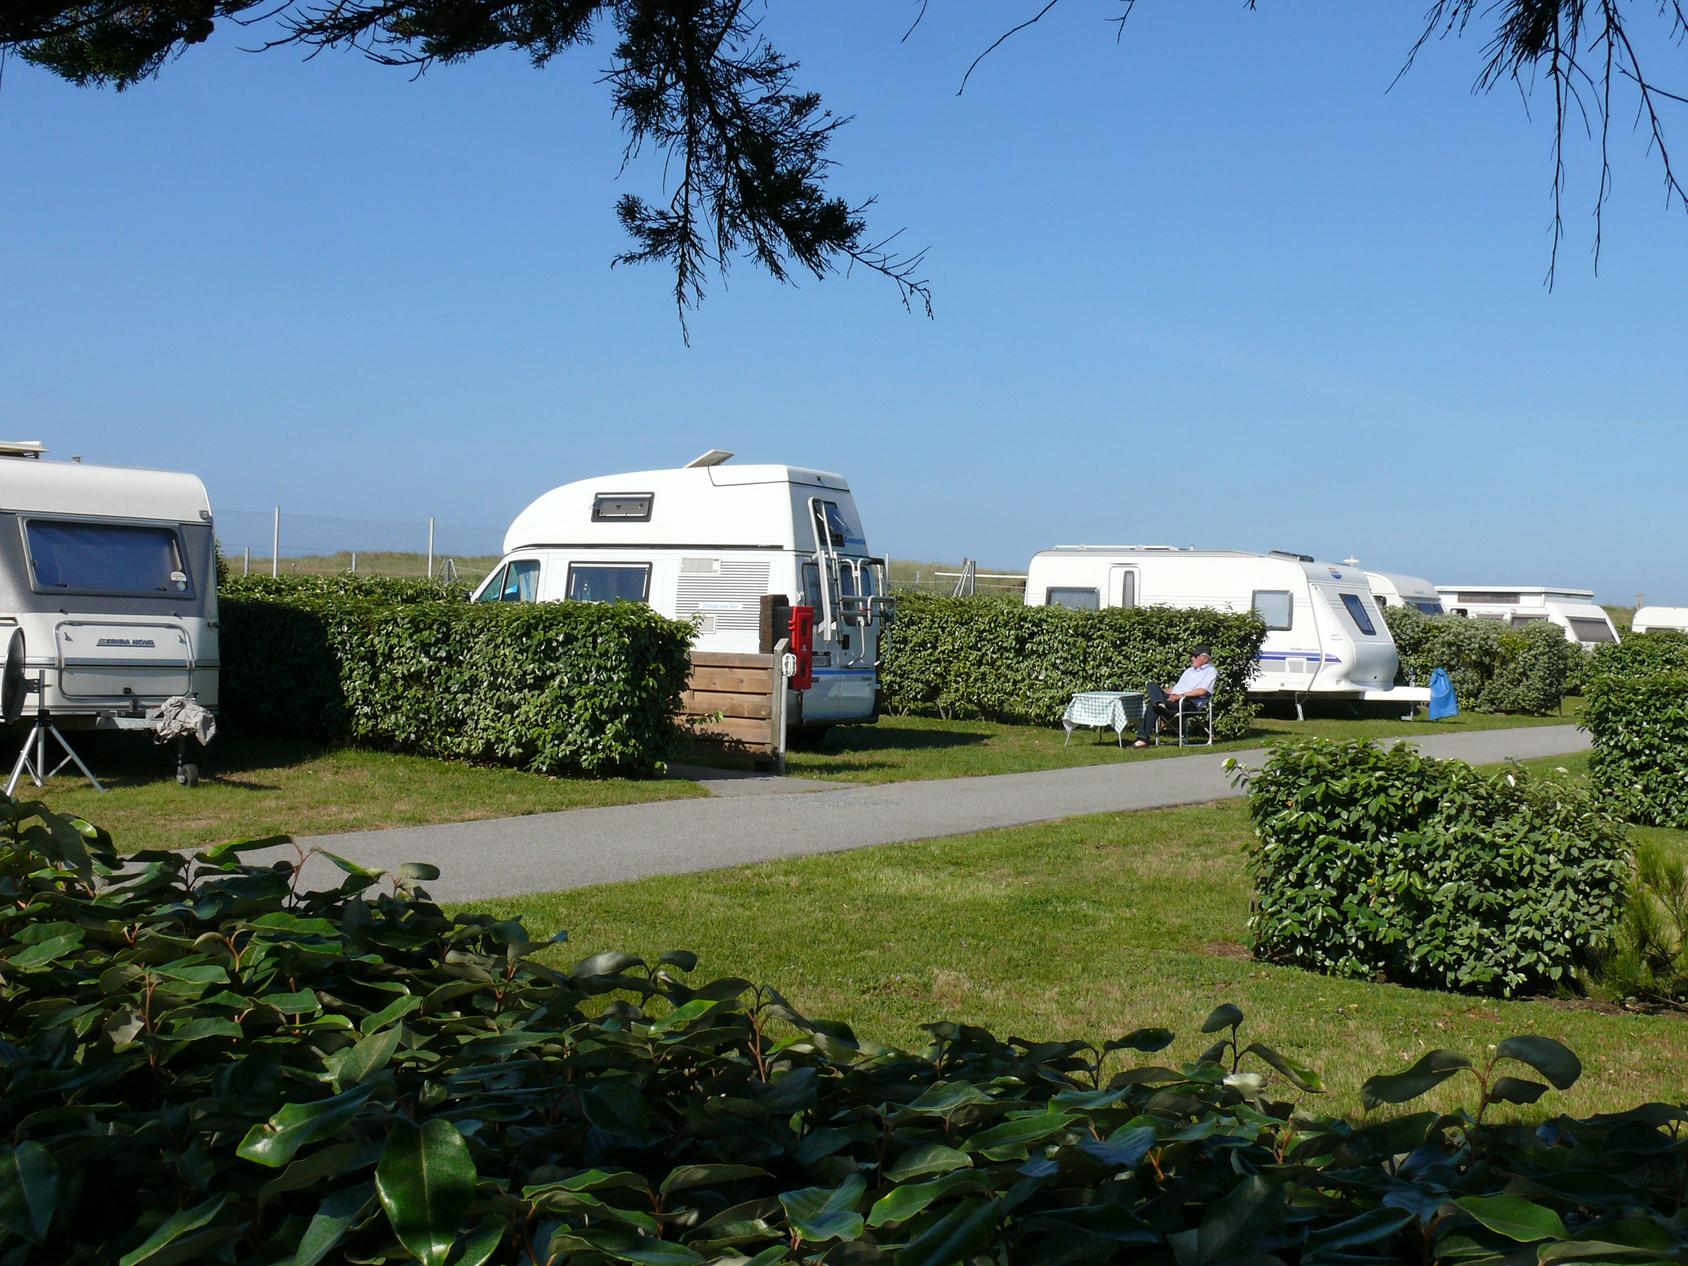 Frankrijk-Les%20Pieux-Camping%20Le%20Grand%20Large-ExtraLarge Wintersport Frankrijk|Pagina 6 van 55